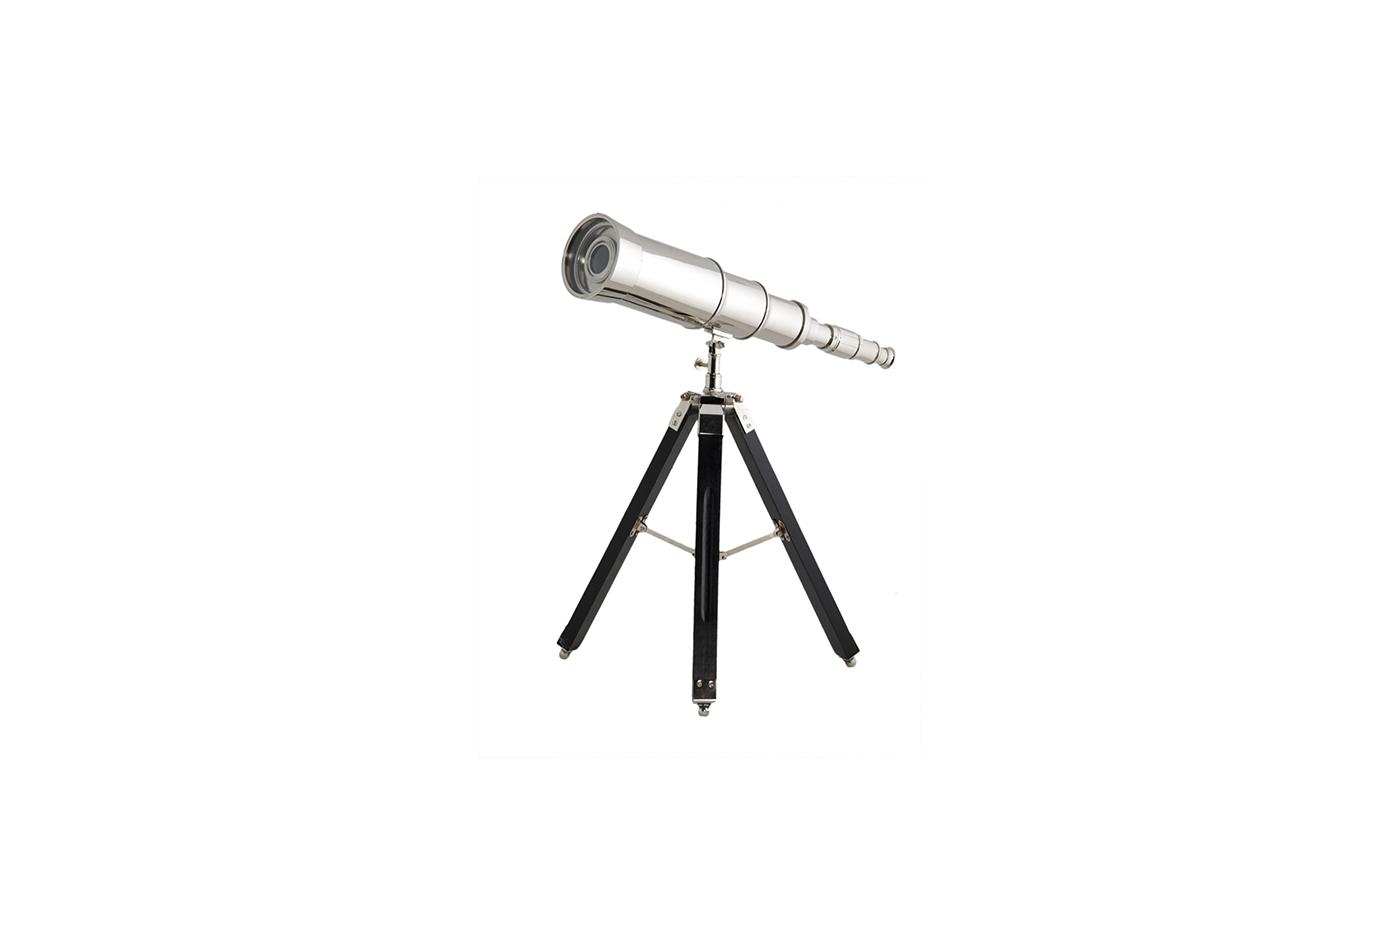 KUK10138 T.T TELESCOPE ON STAND